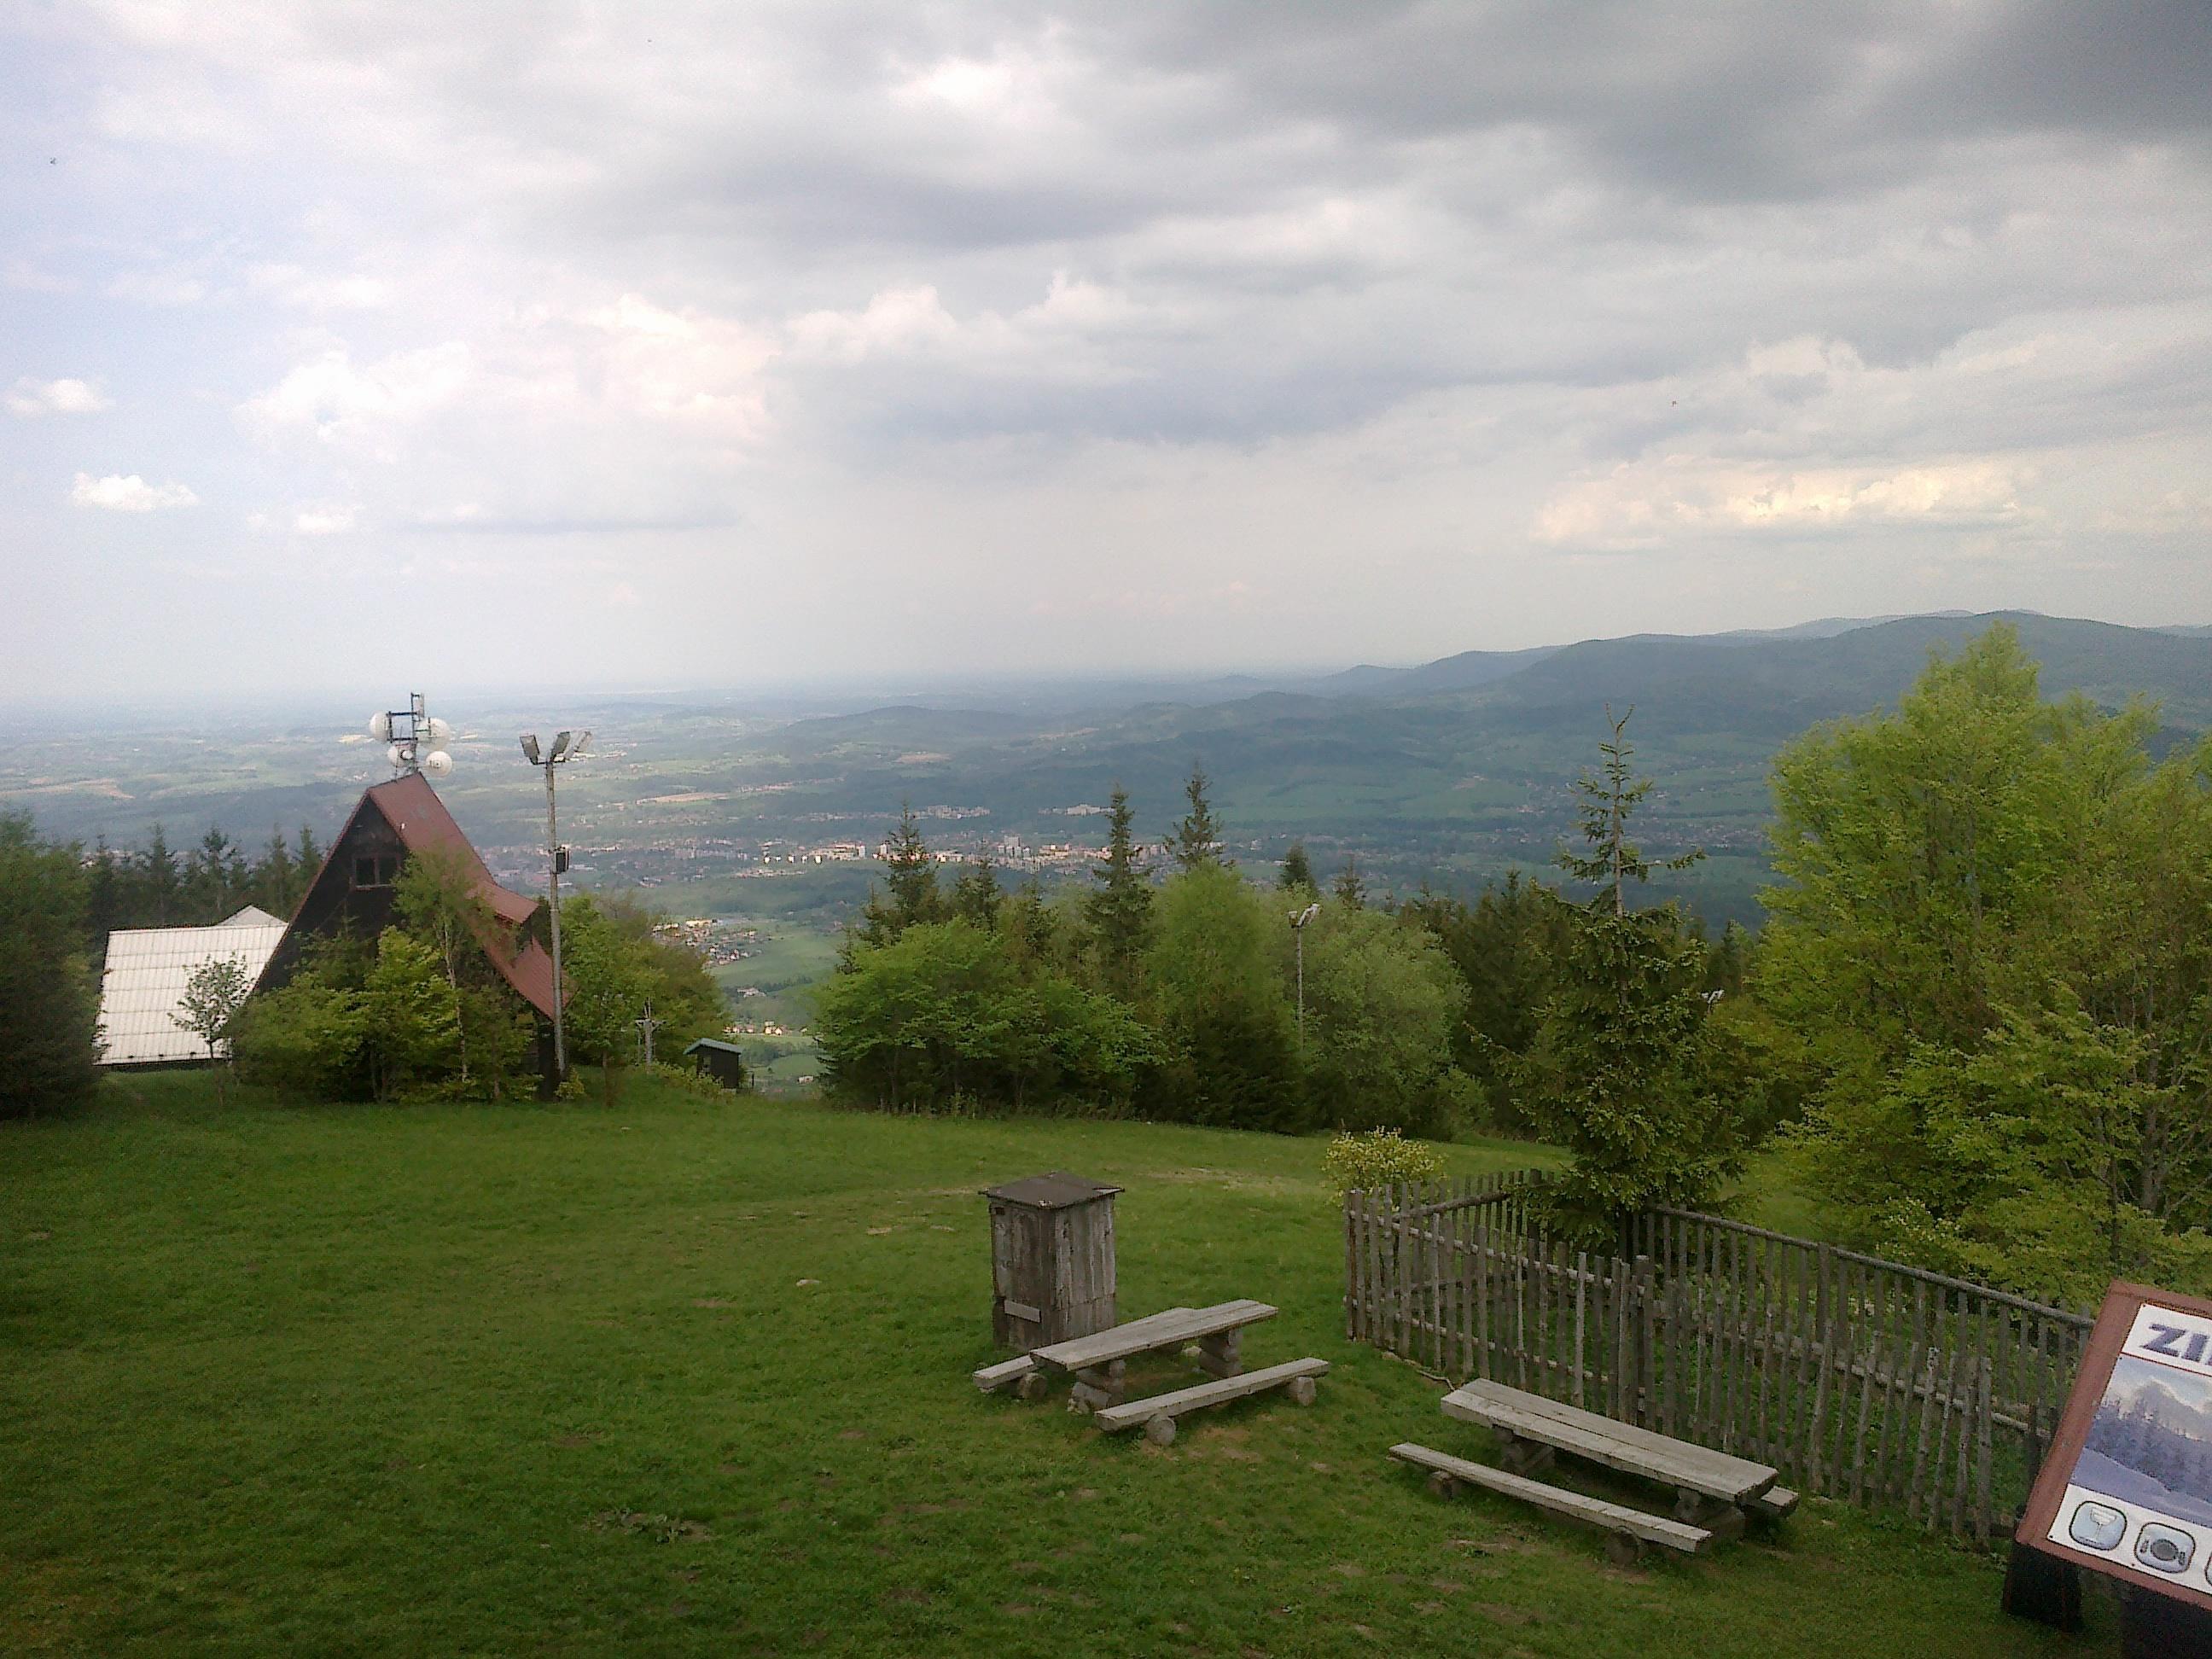 Pohled z chaty na Javorovém